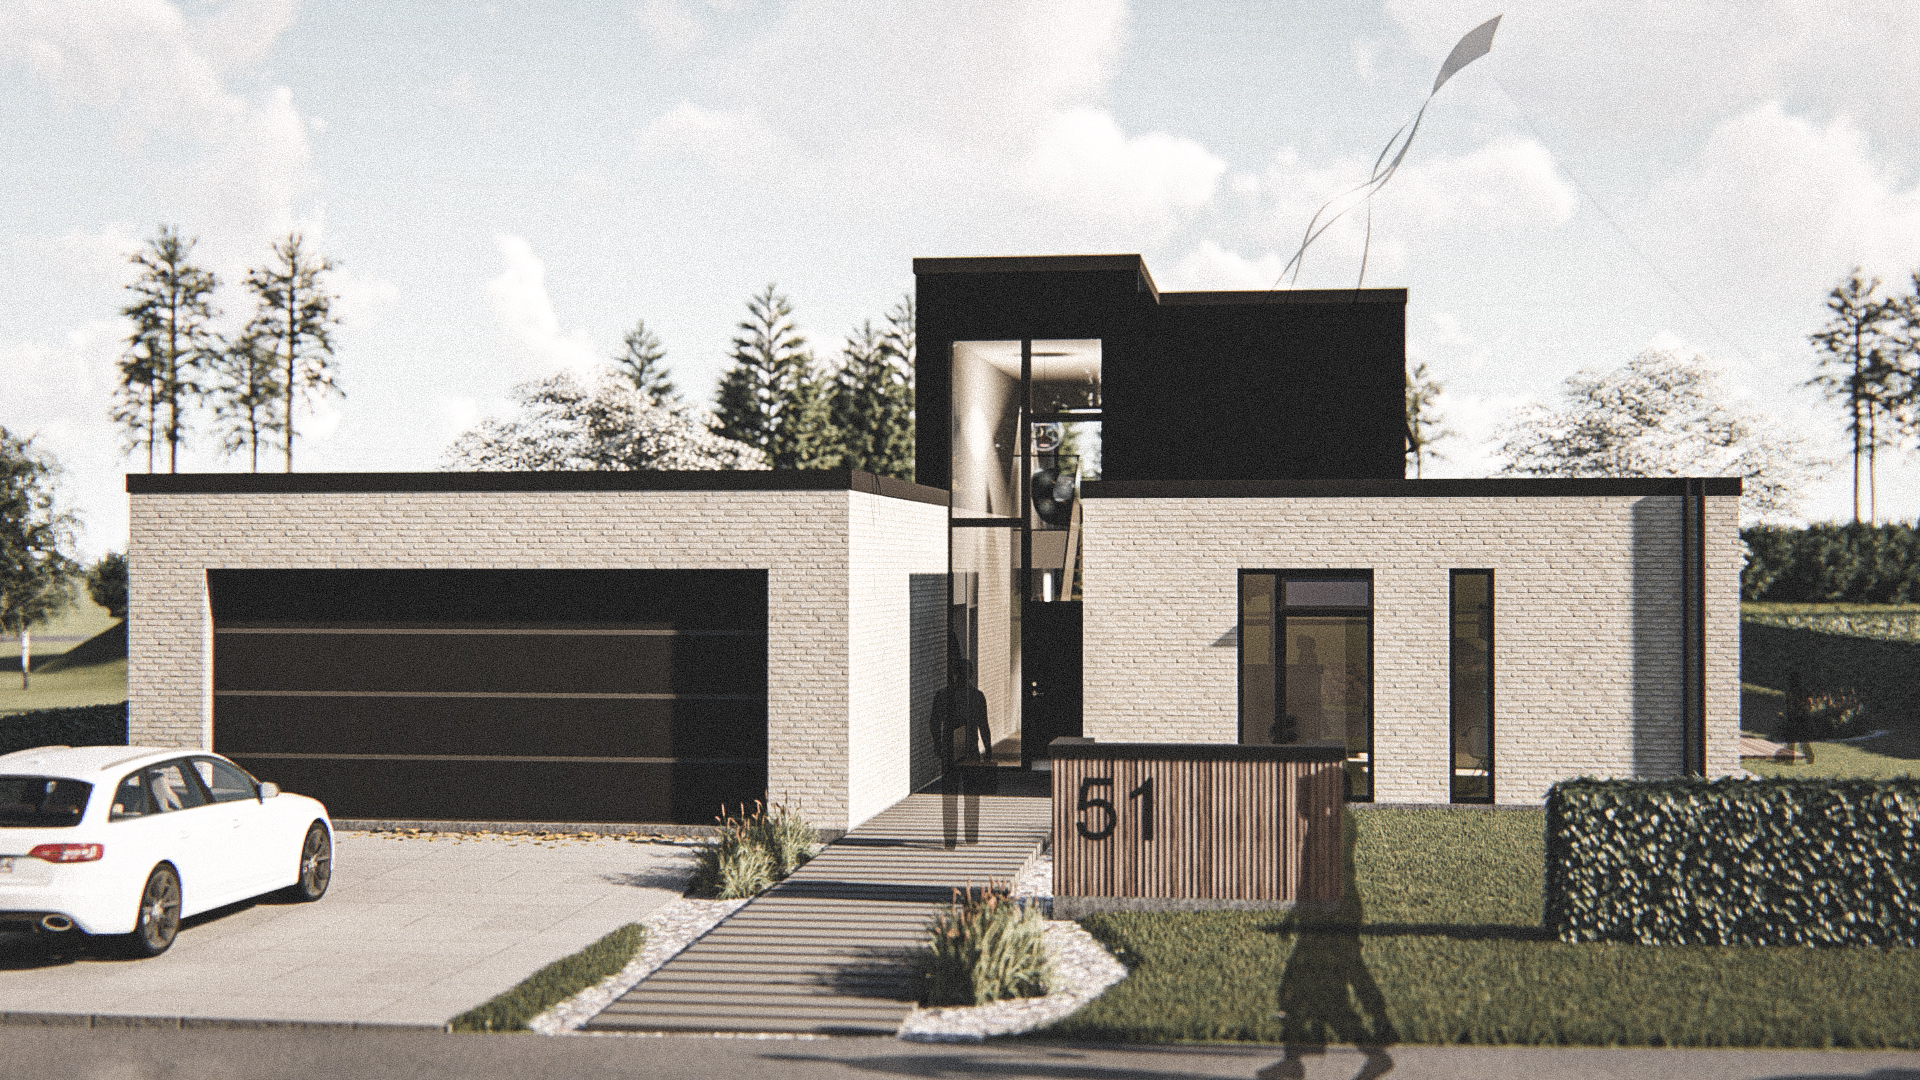 Billede af Dansk arkitekttegnet 2 plan villa af arkitektfirmaet m2plus, i Esbjerg på 204 kvartratmeter.